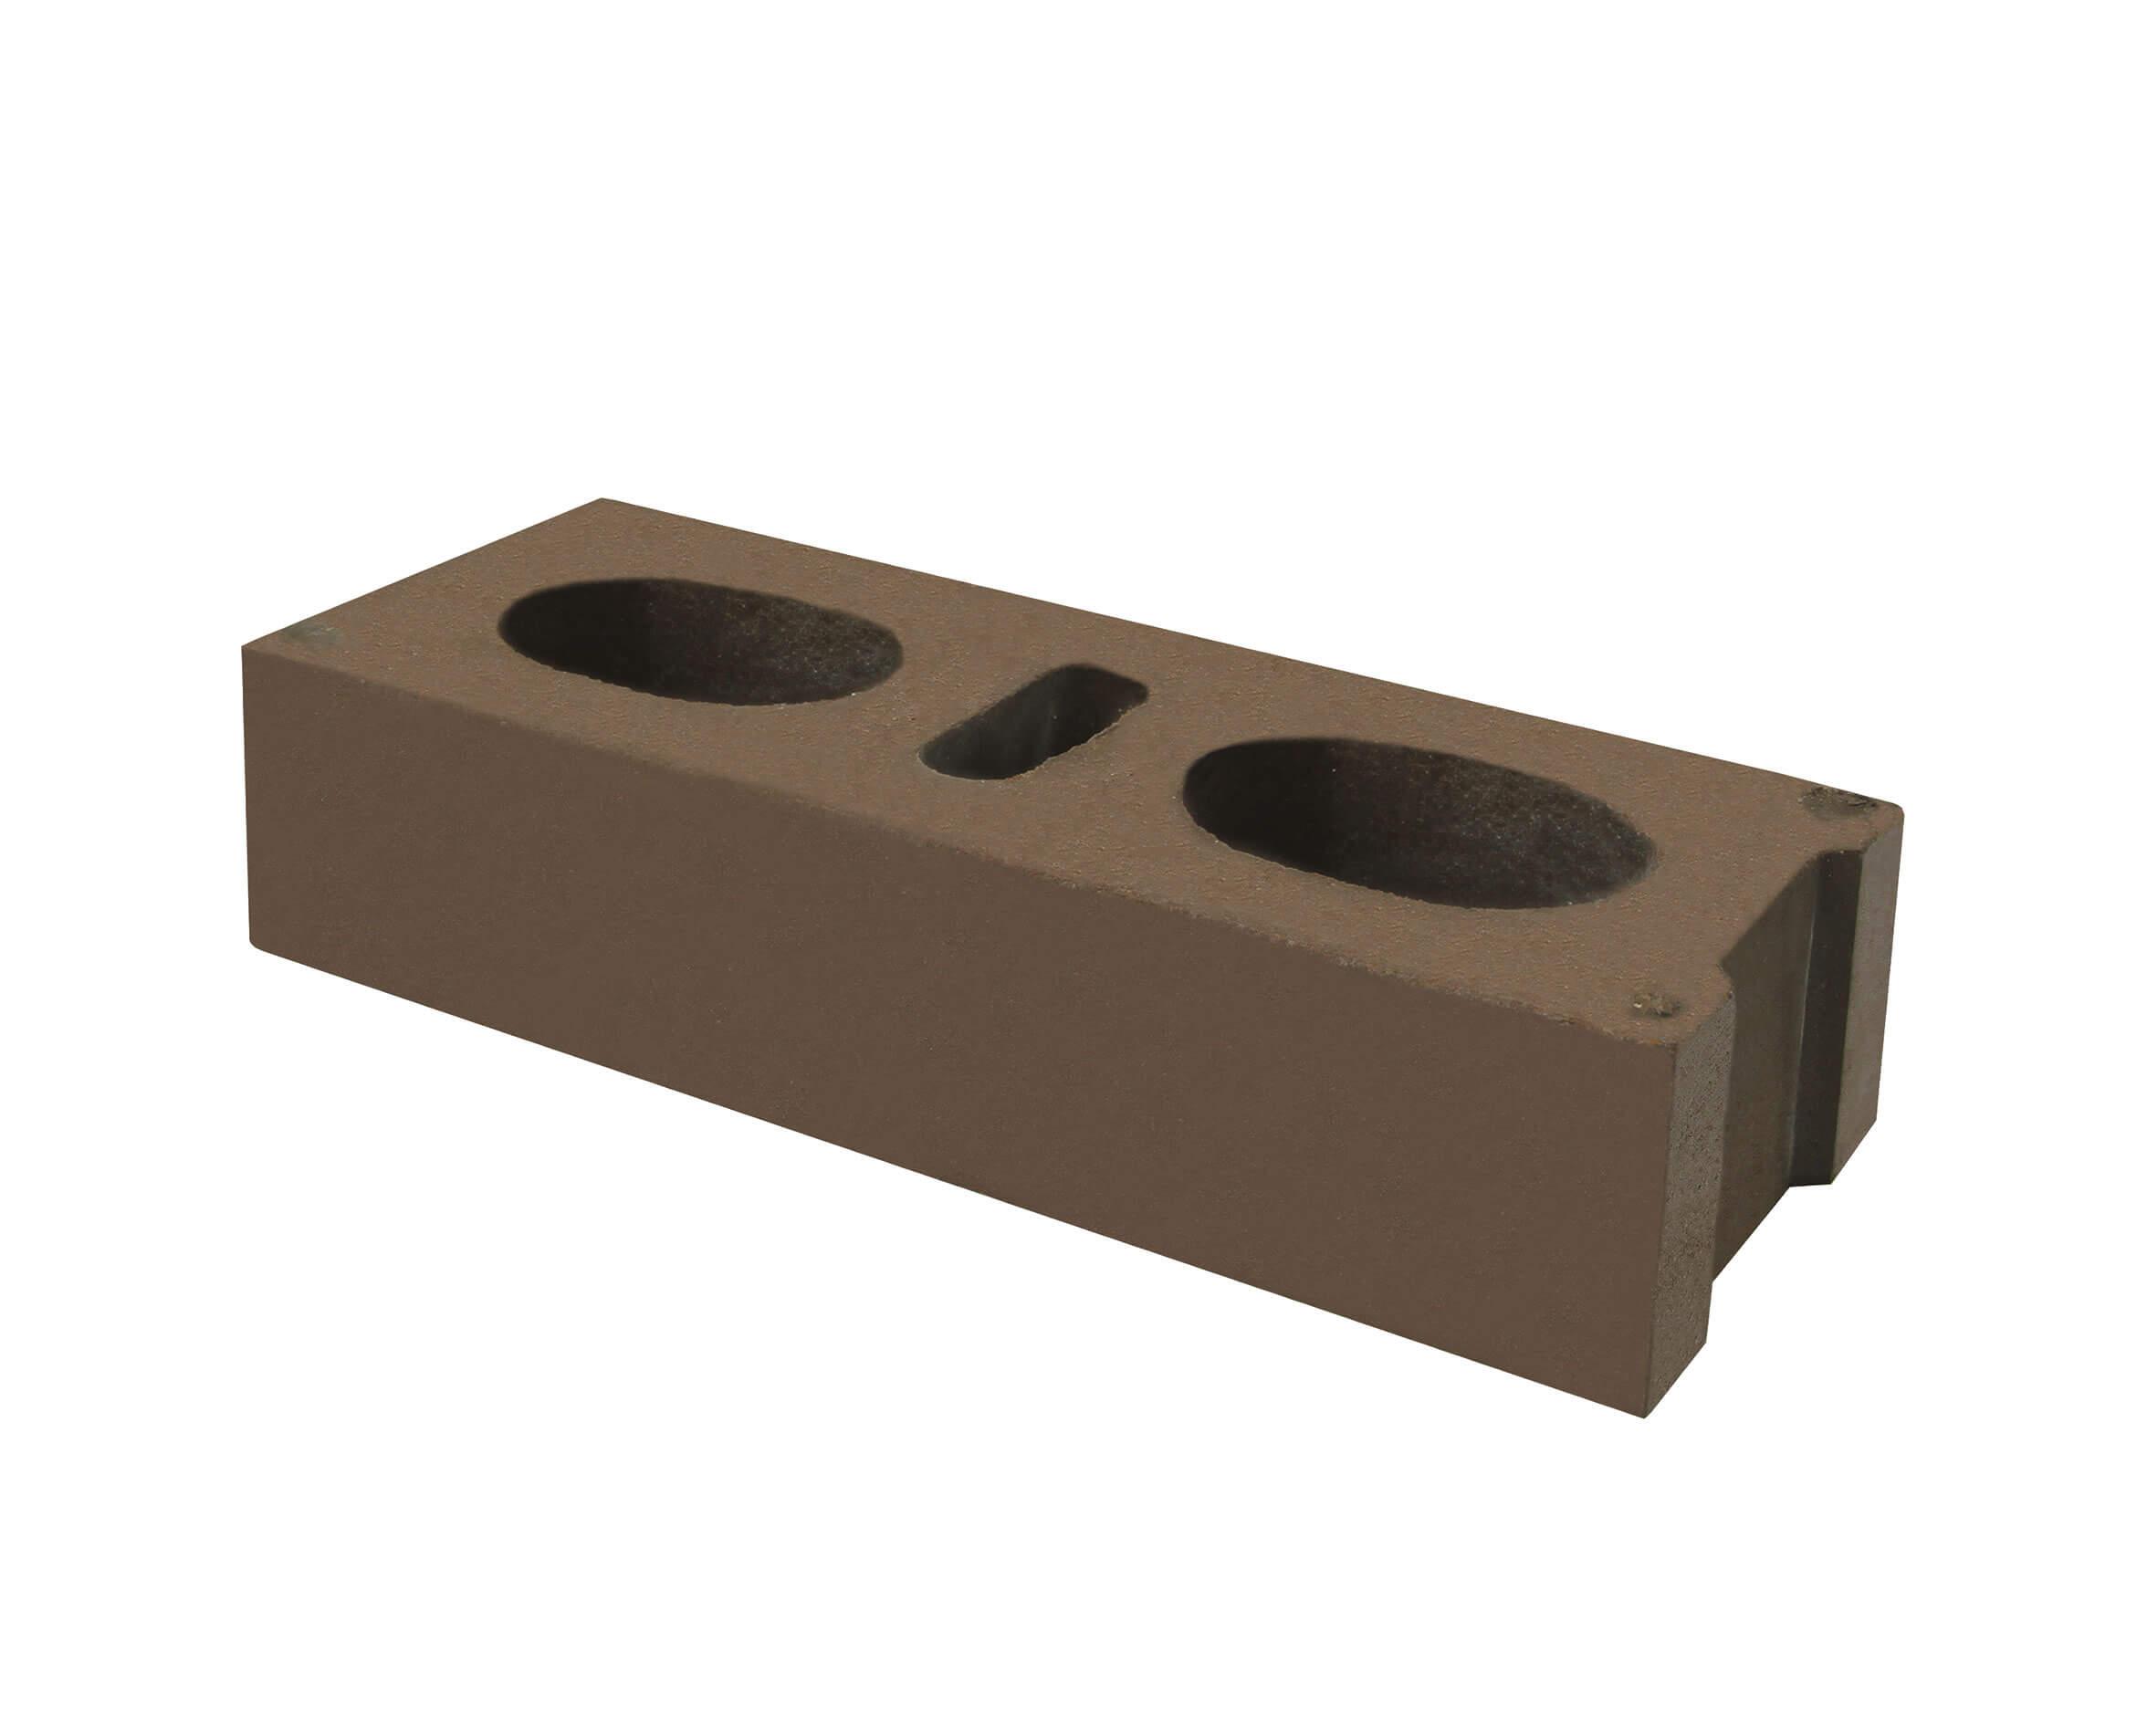 Lad Portante 306*12 Cocoa